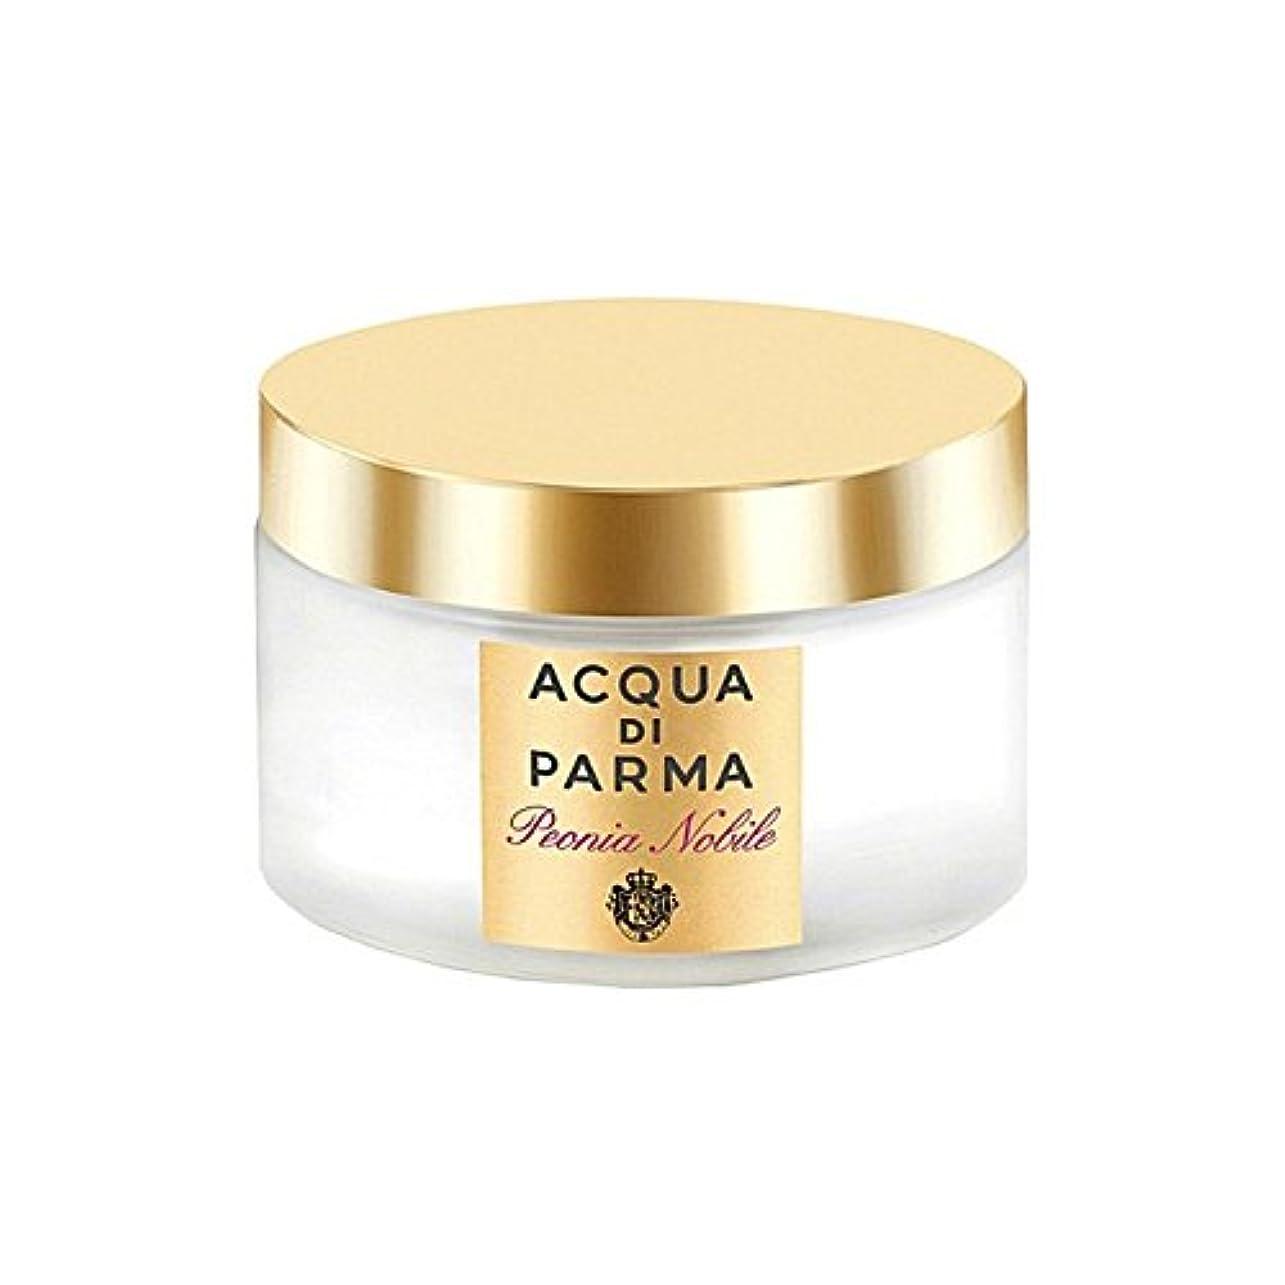 ラッチ盲信確かにAcqua Di Parma Peonia Nobile Body Cream 150ml (Pack of 6) - アクアディパルマノビレボディクリーム150ミリリットル x6 [並行輸入品]